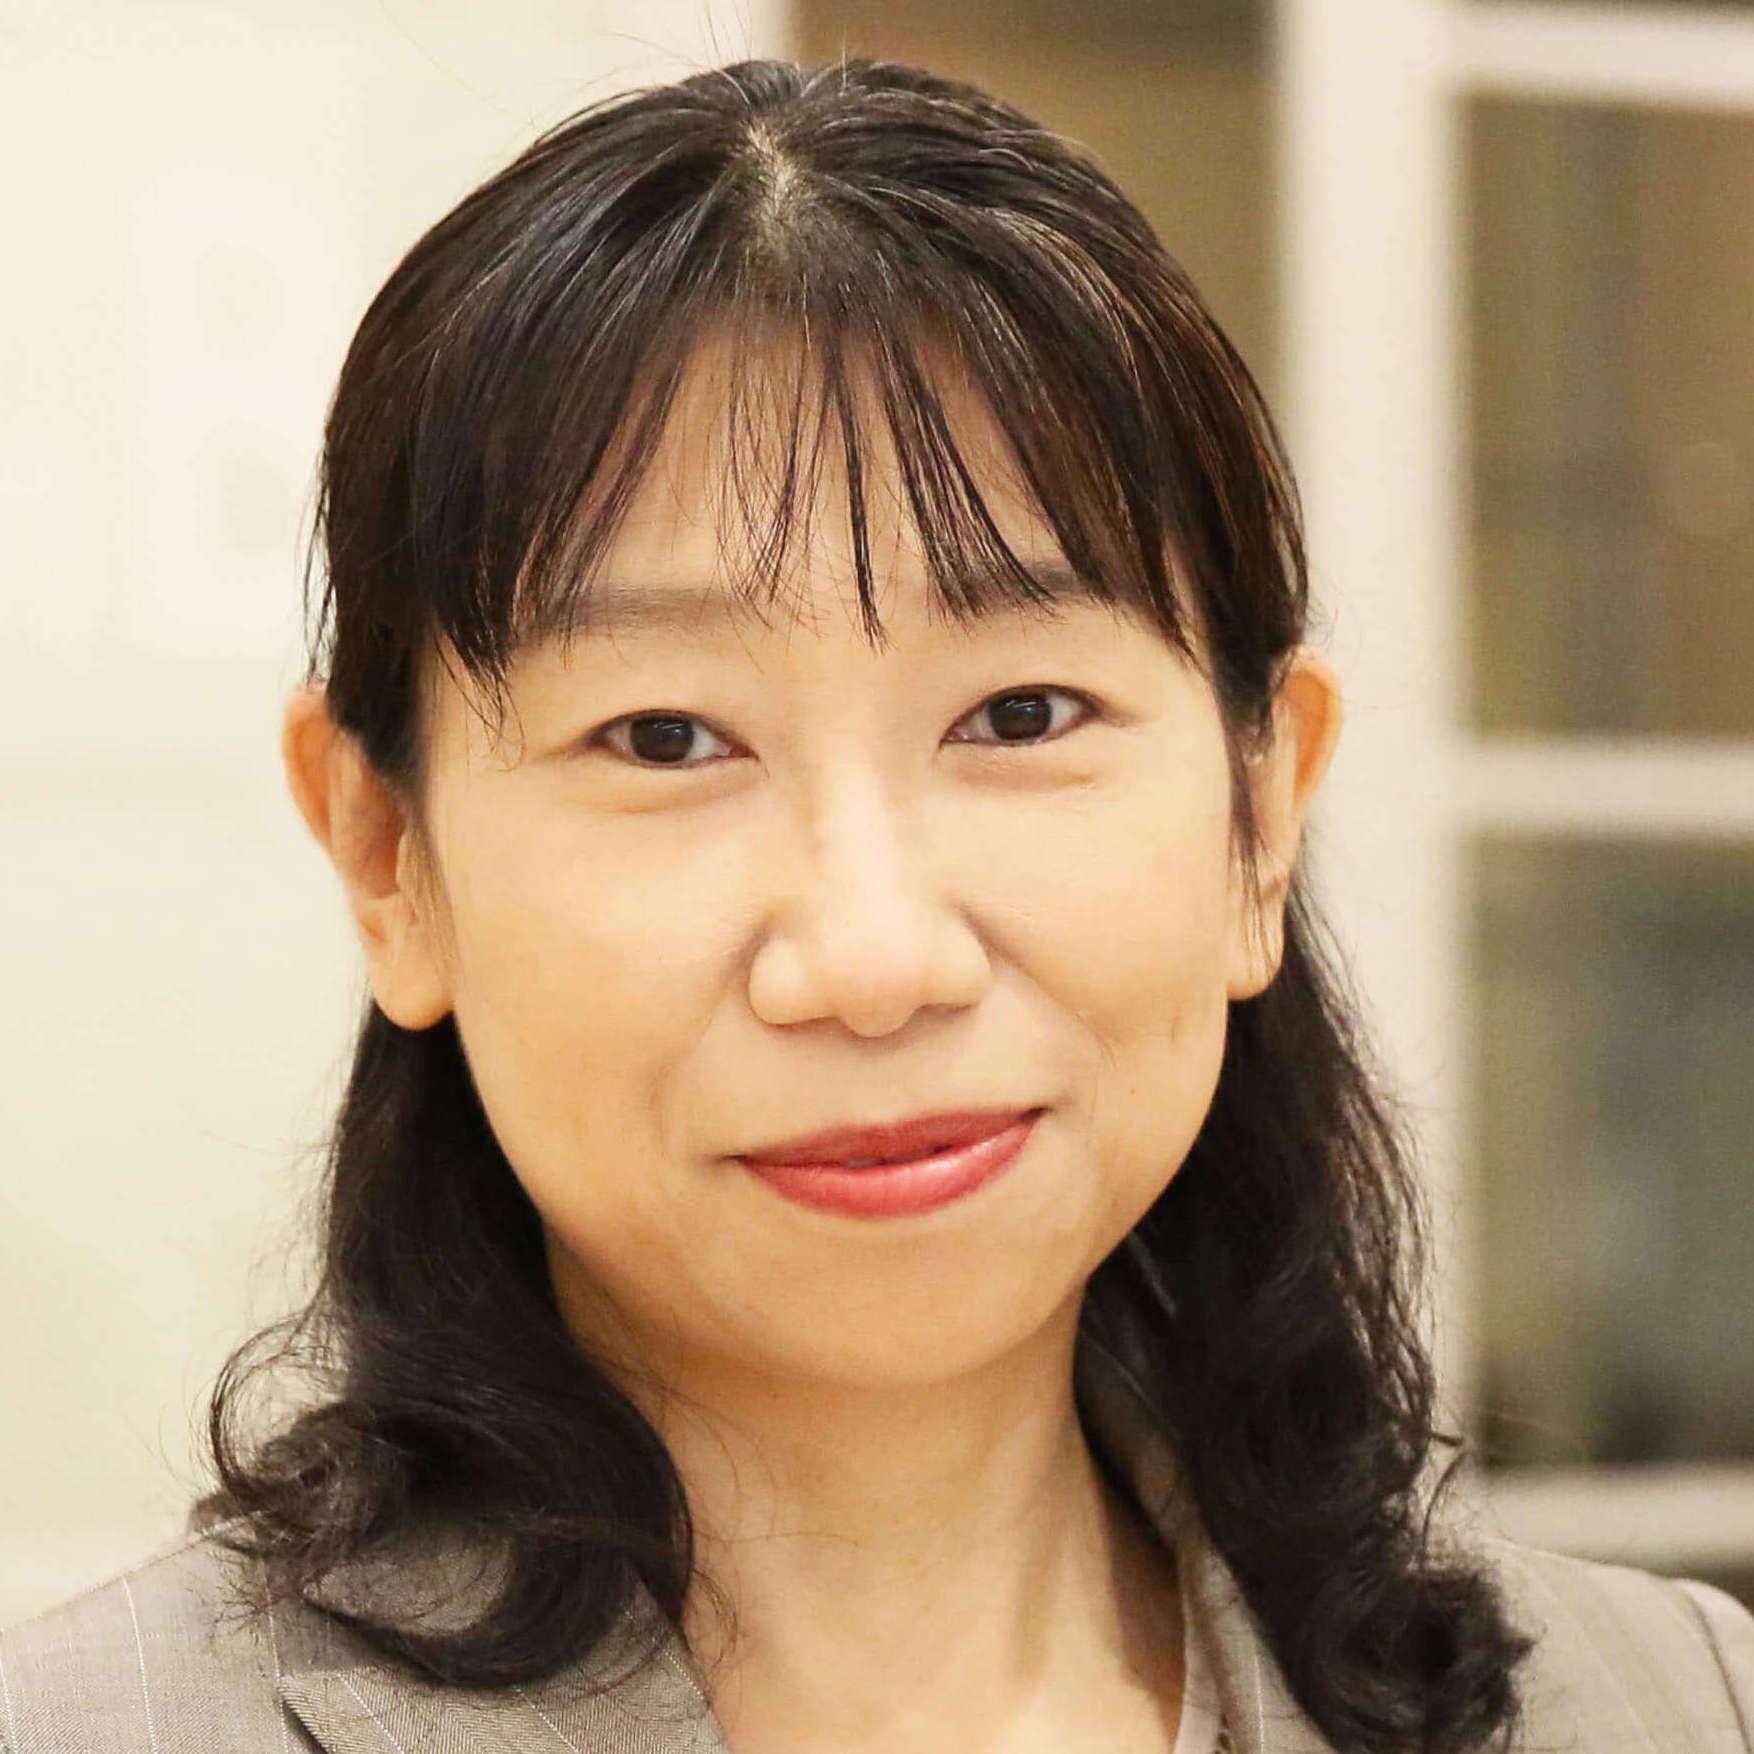 京都先端科学大学 安達先生のプロフィール写真